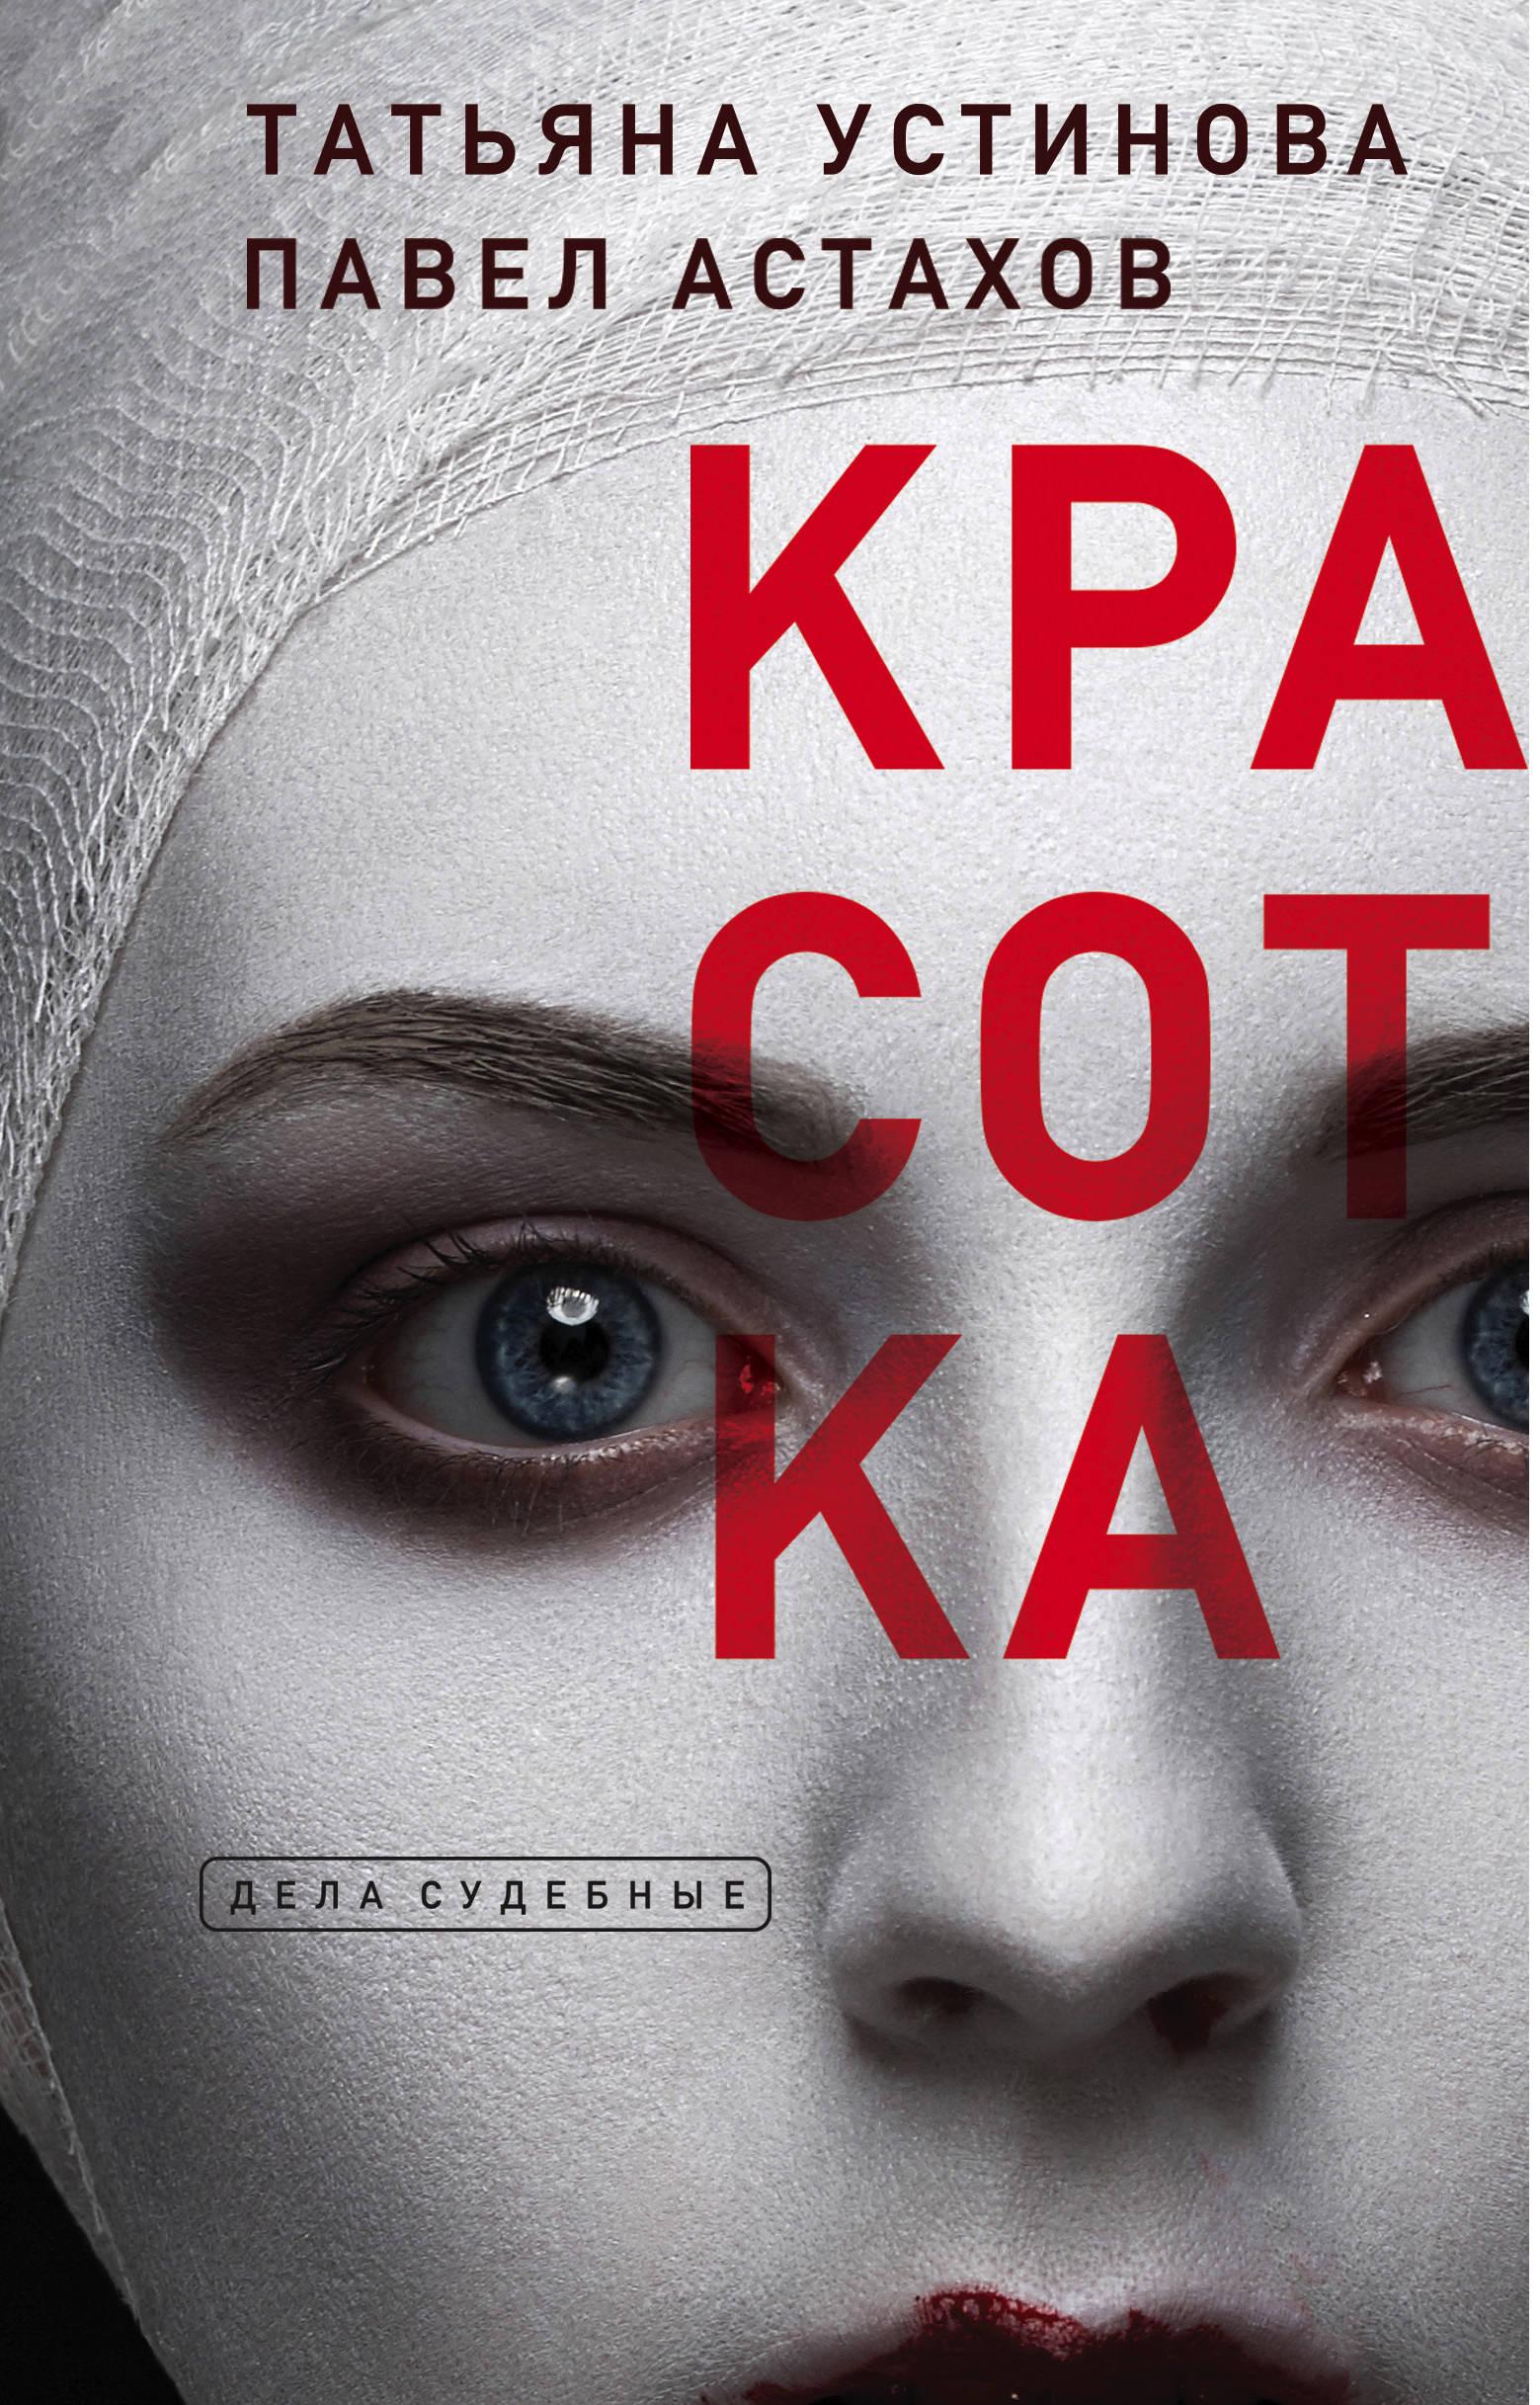 Krasotka - Ustinova Tatiana, Astakhov P.A.